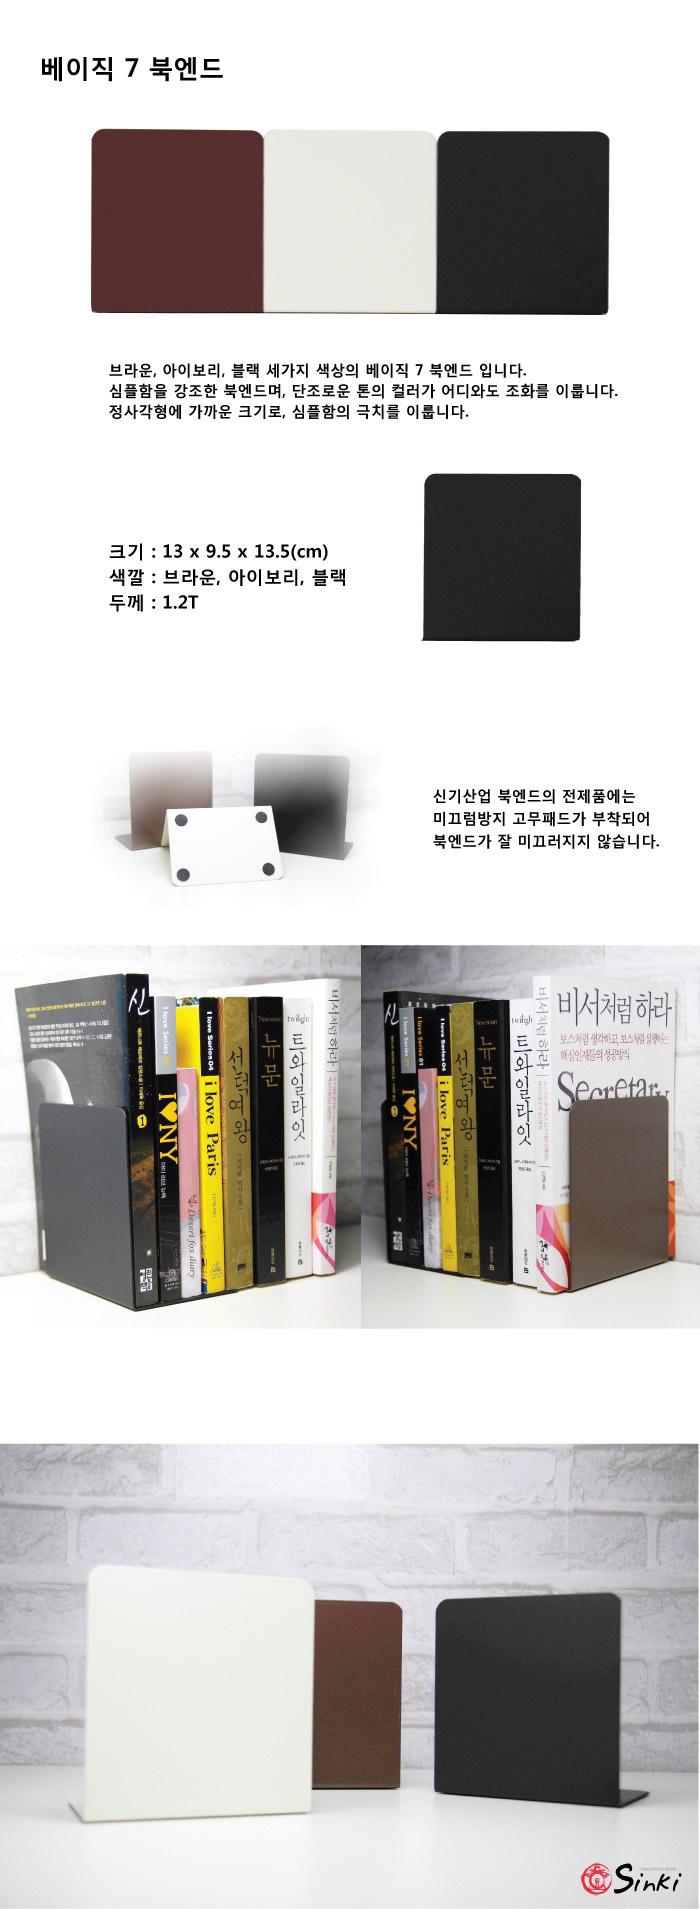 베이직 7 북엔드 - 신기, 3,300원, 독서용품, 북앤드